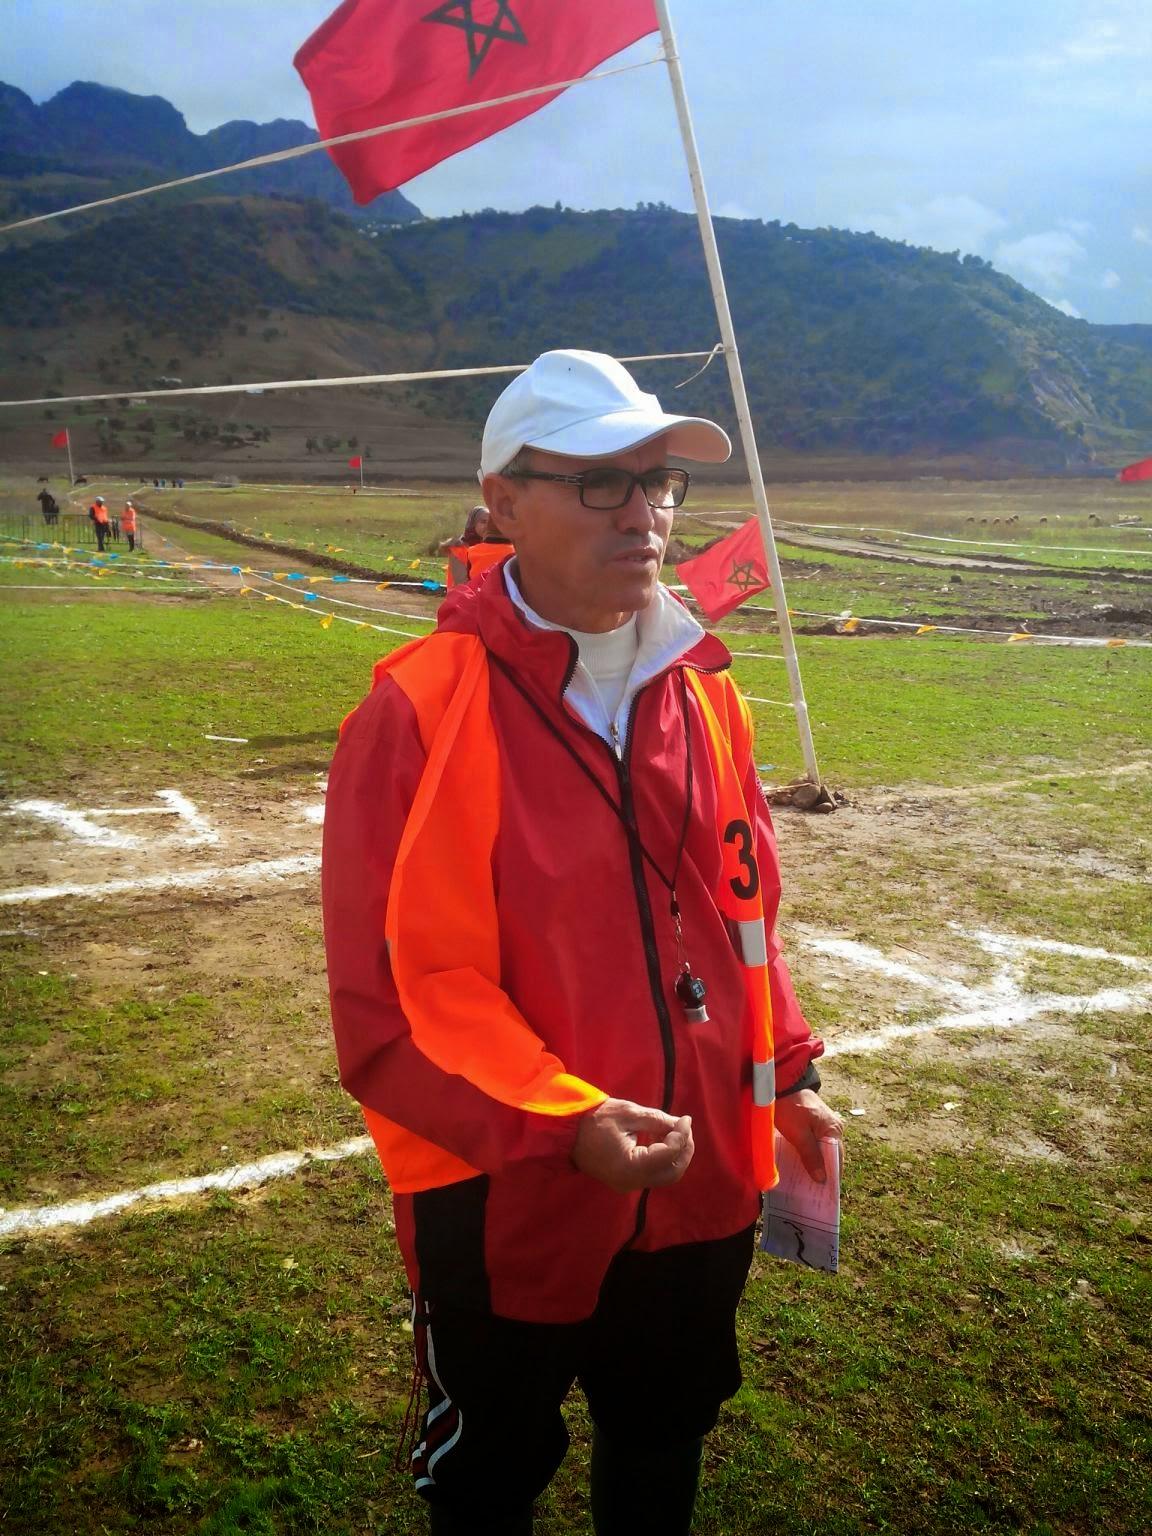 تاونات تحتضن البطولة الجهوية للعدو الريفي المدرسي لجهة تازة الحسيمة تاونات للموسم 2014/2015 بجماعة الوردزاغ